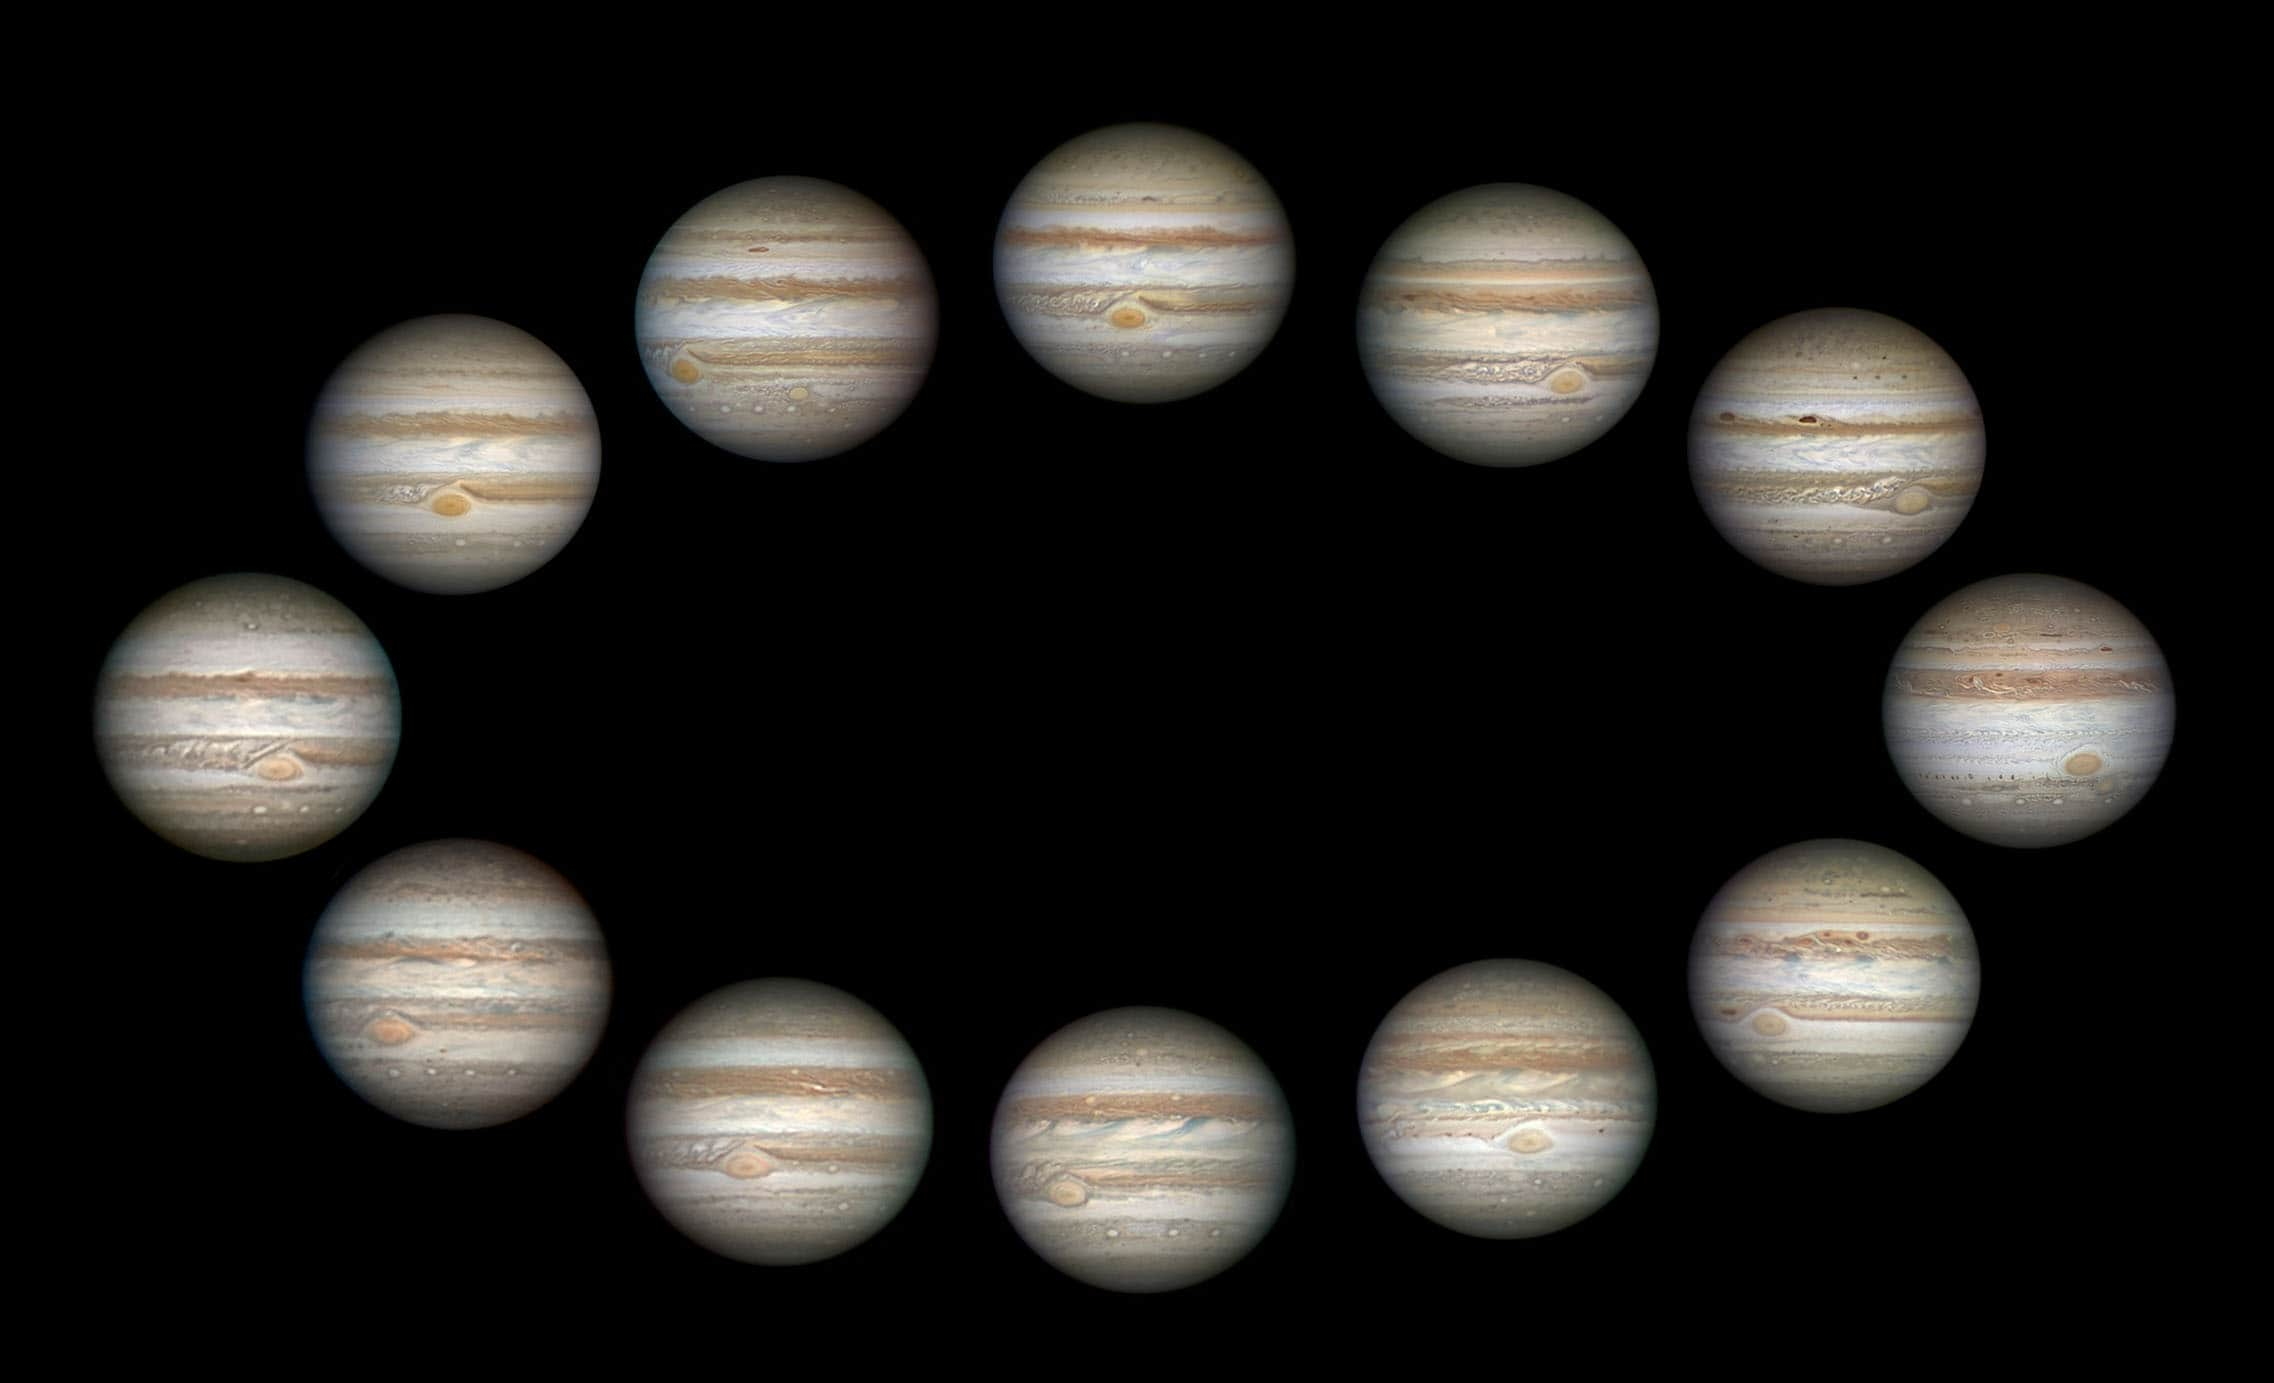 Jupiter Free